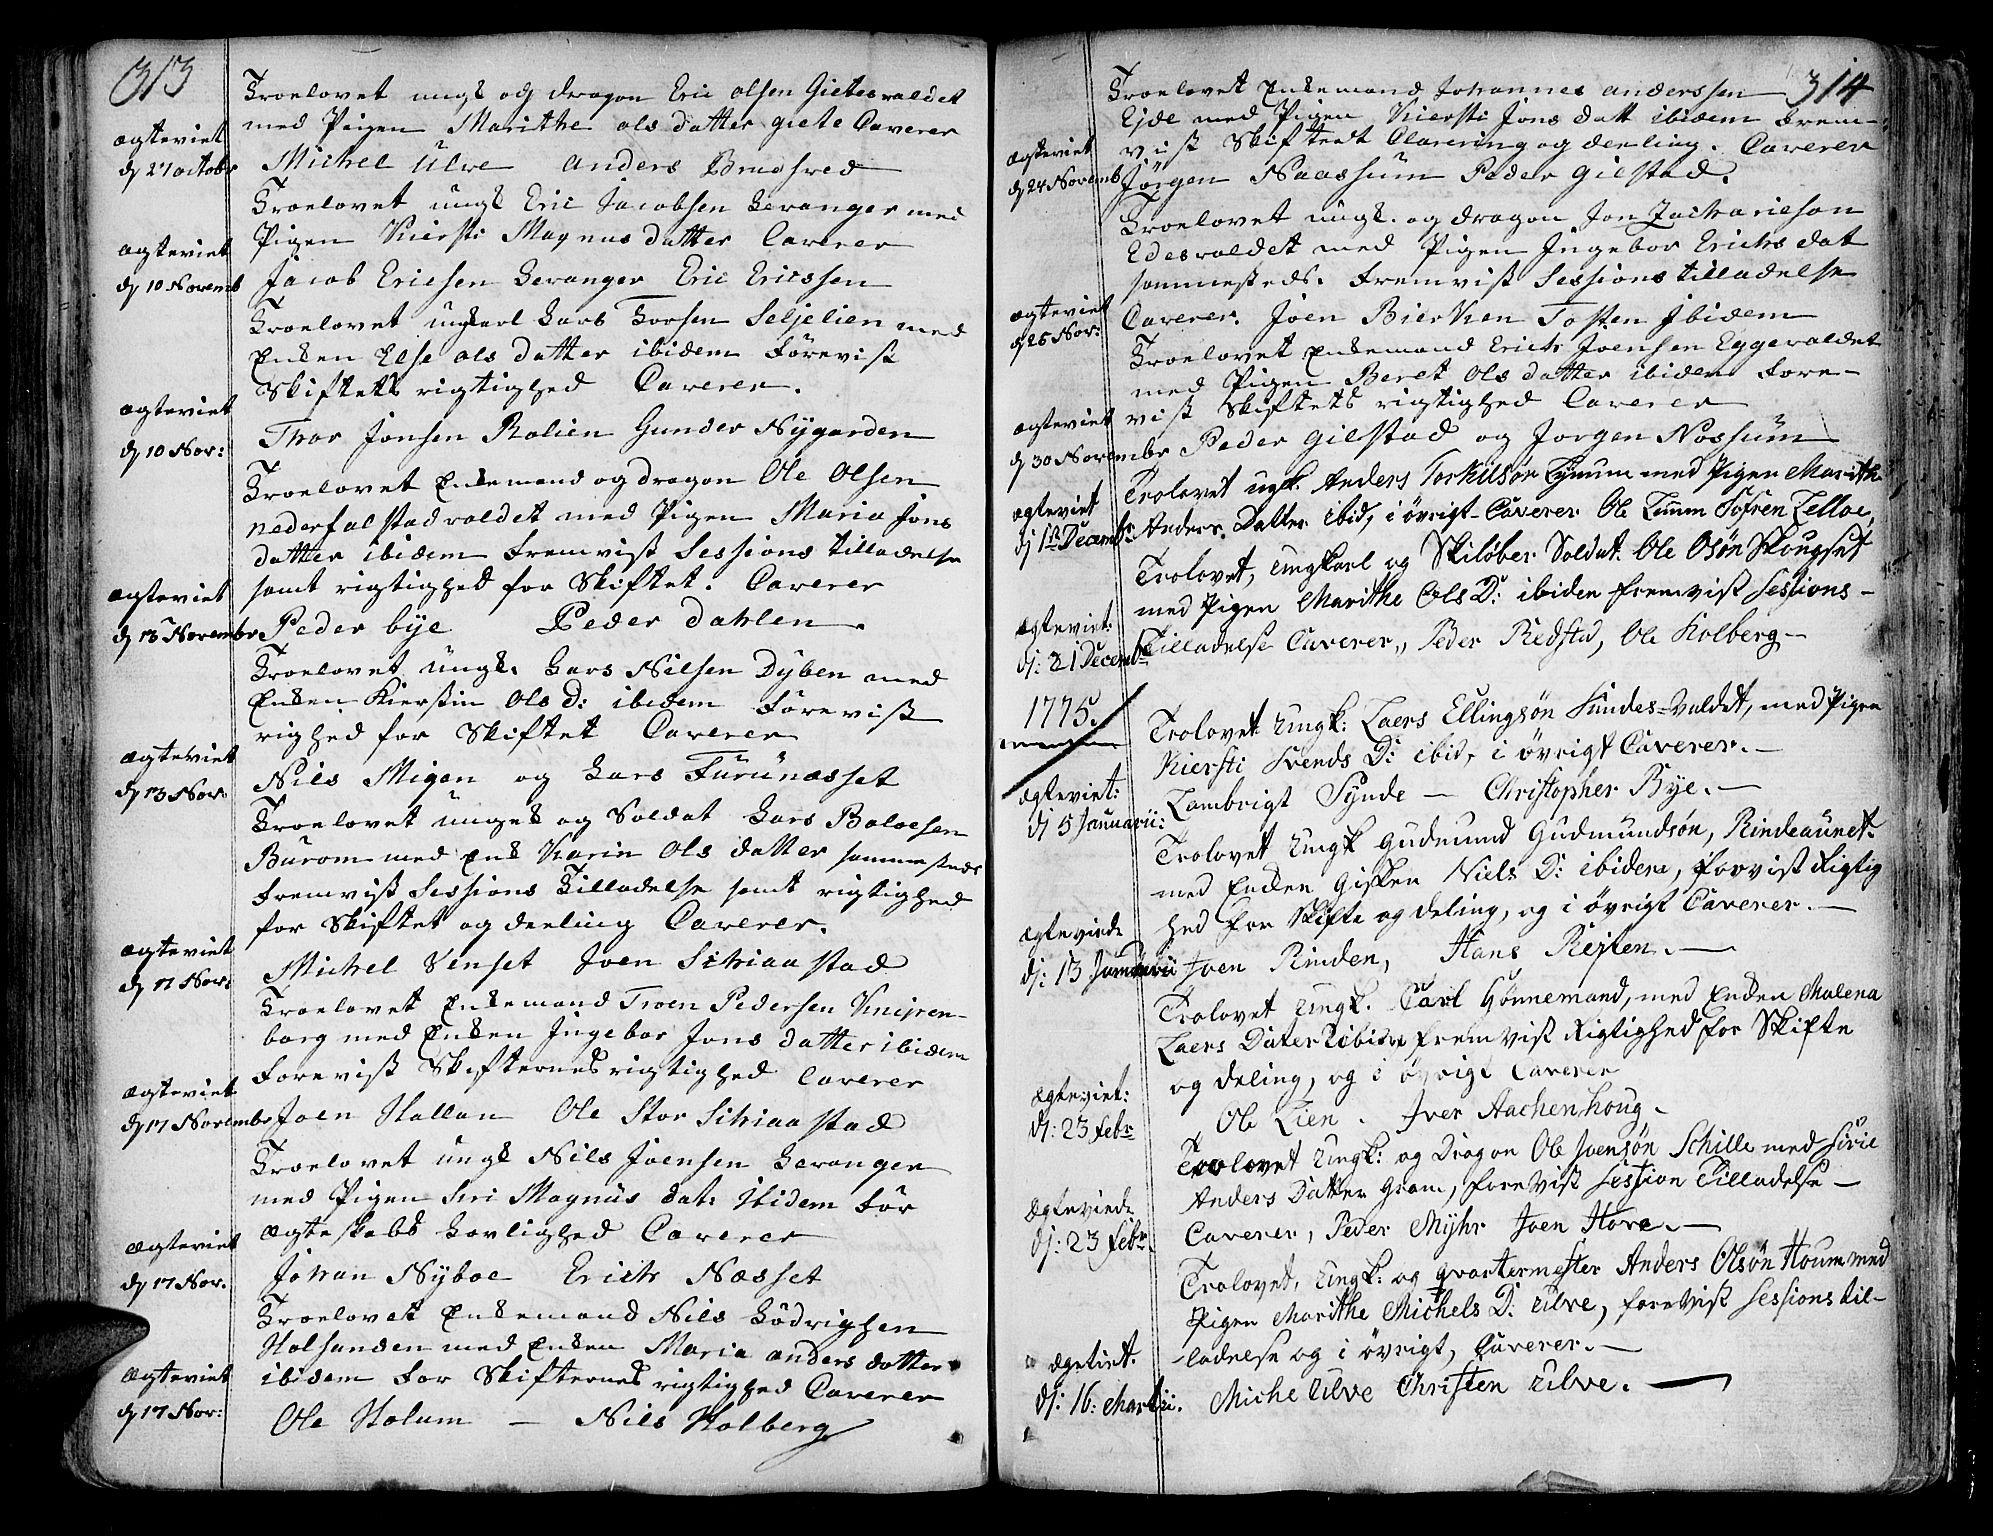 SAT, Ministerialprotokoller, klokkerbøker og fødselsregistre - Nord-Trøndelag, 717/L0141: Ministerialbok nr. 717A01, 1747-1803, s. 313-314